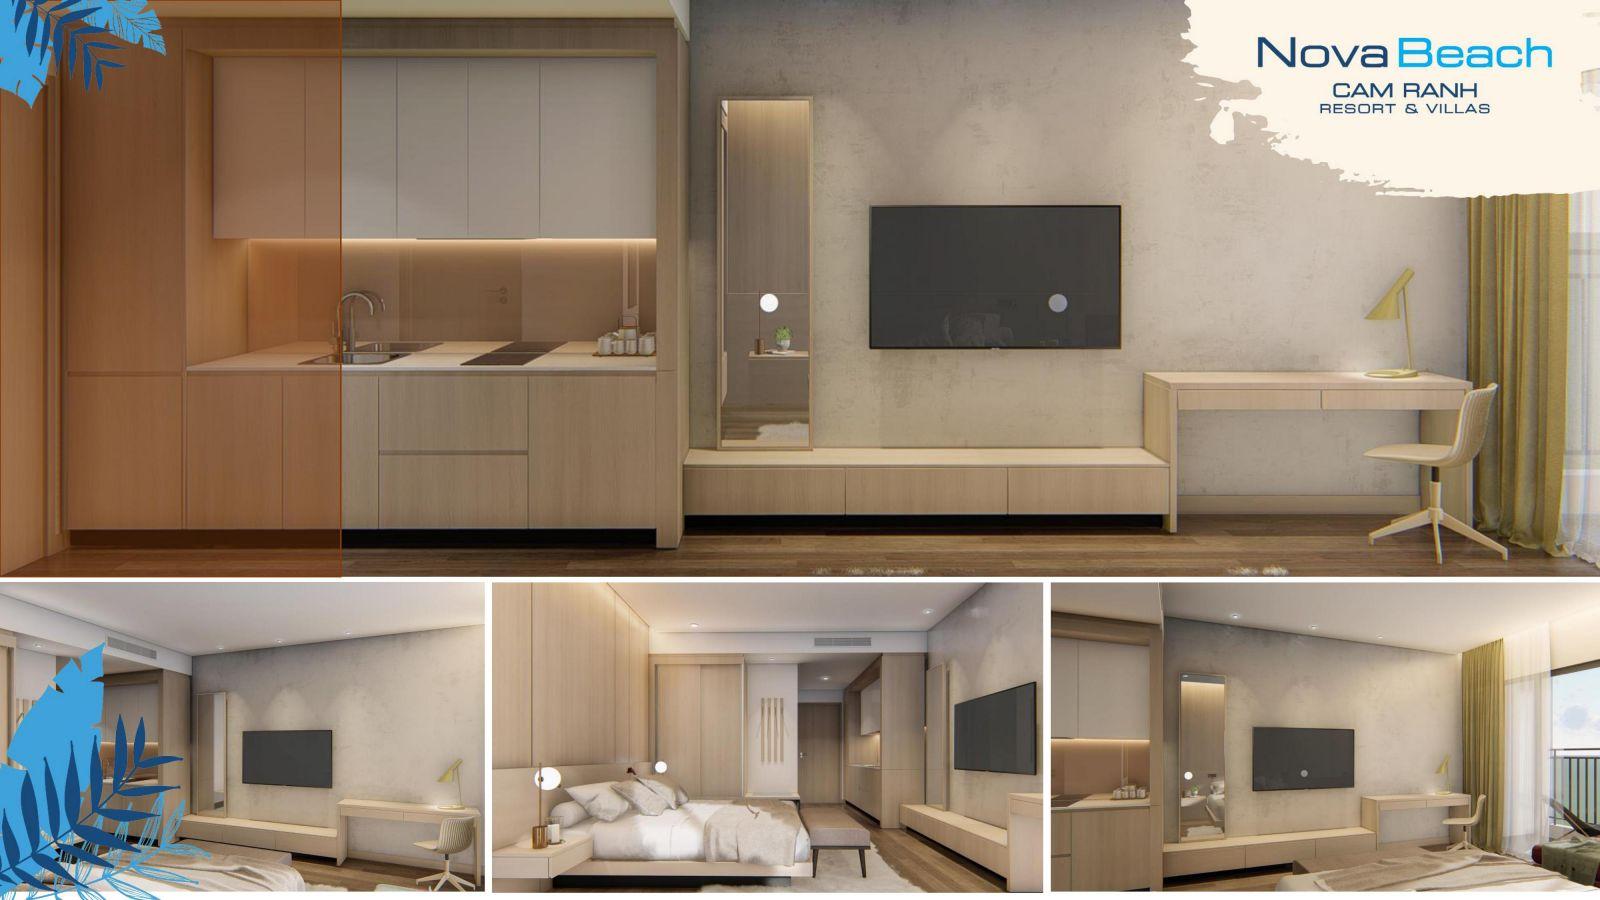 nhà mẫu dự án NovaBeach Cam Ranh Resort and Villas